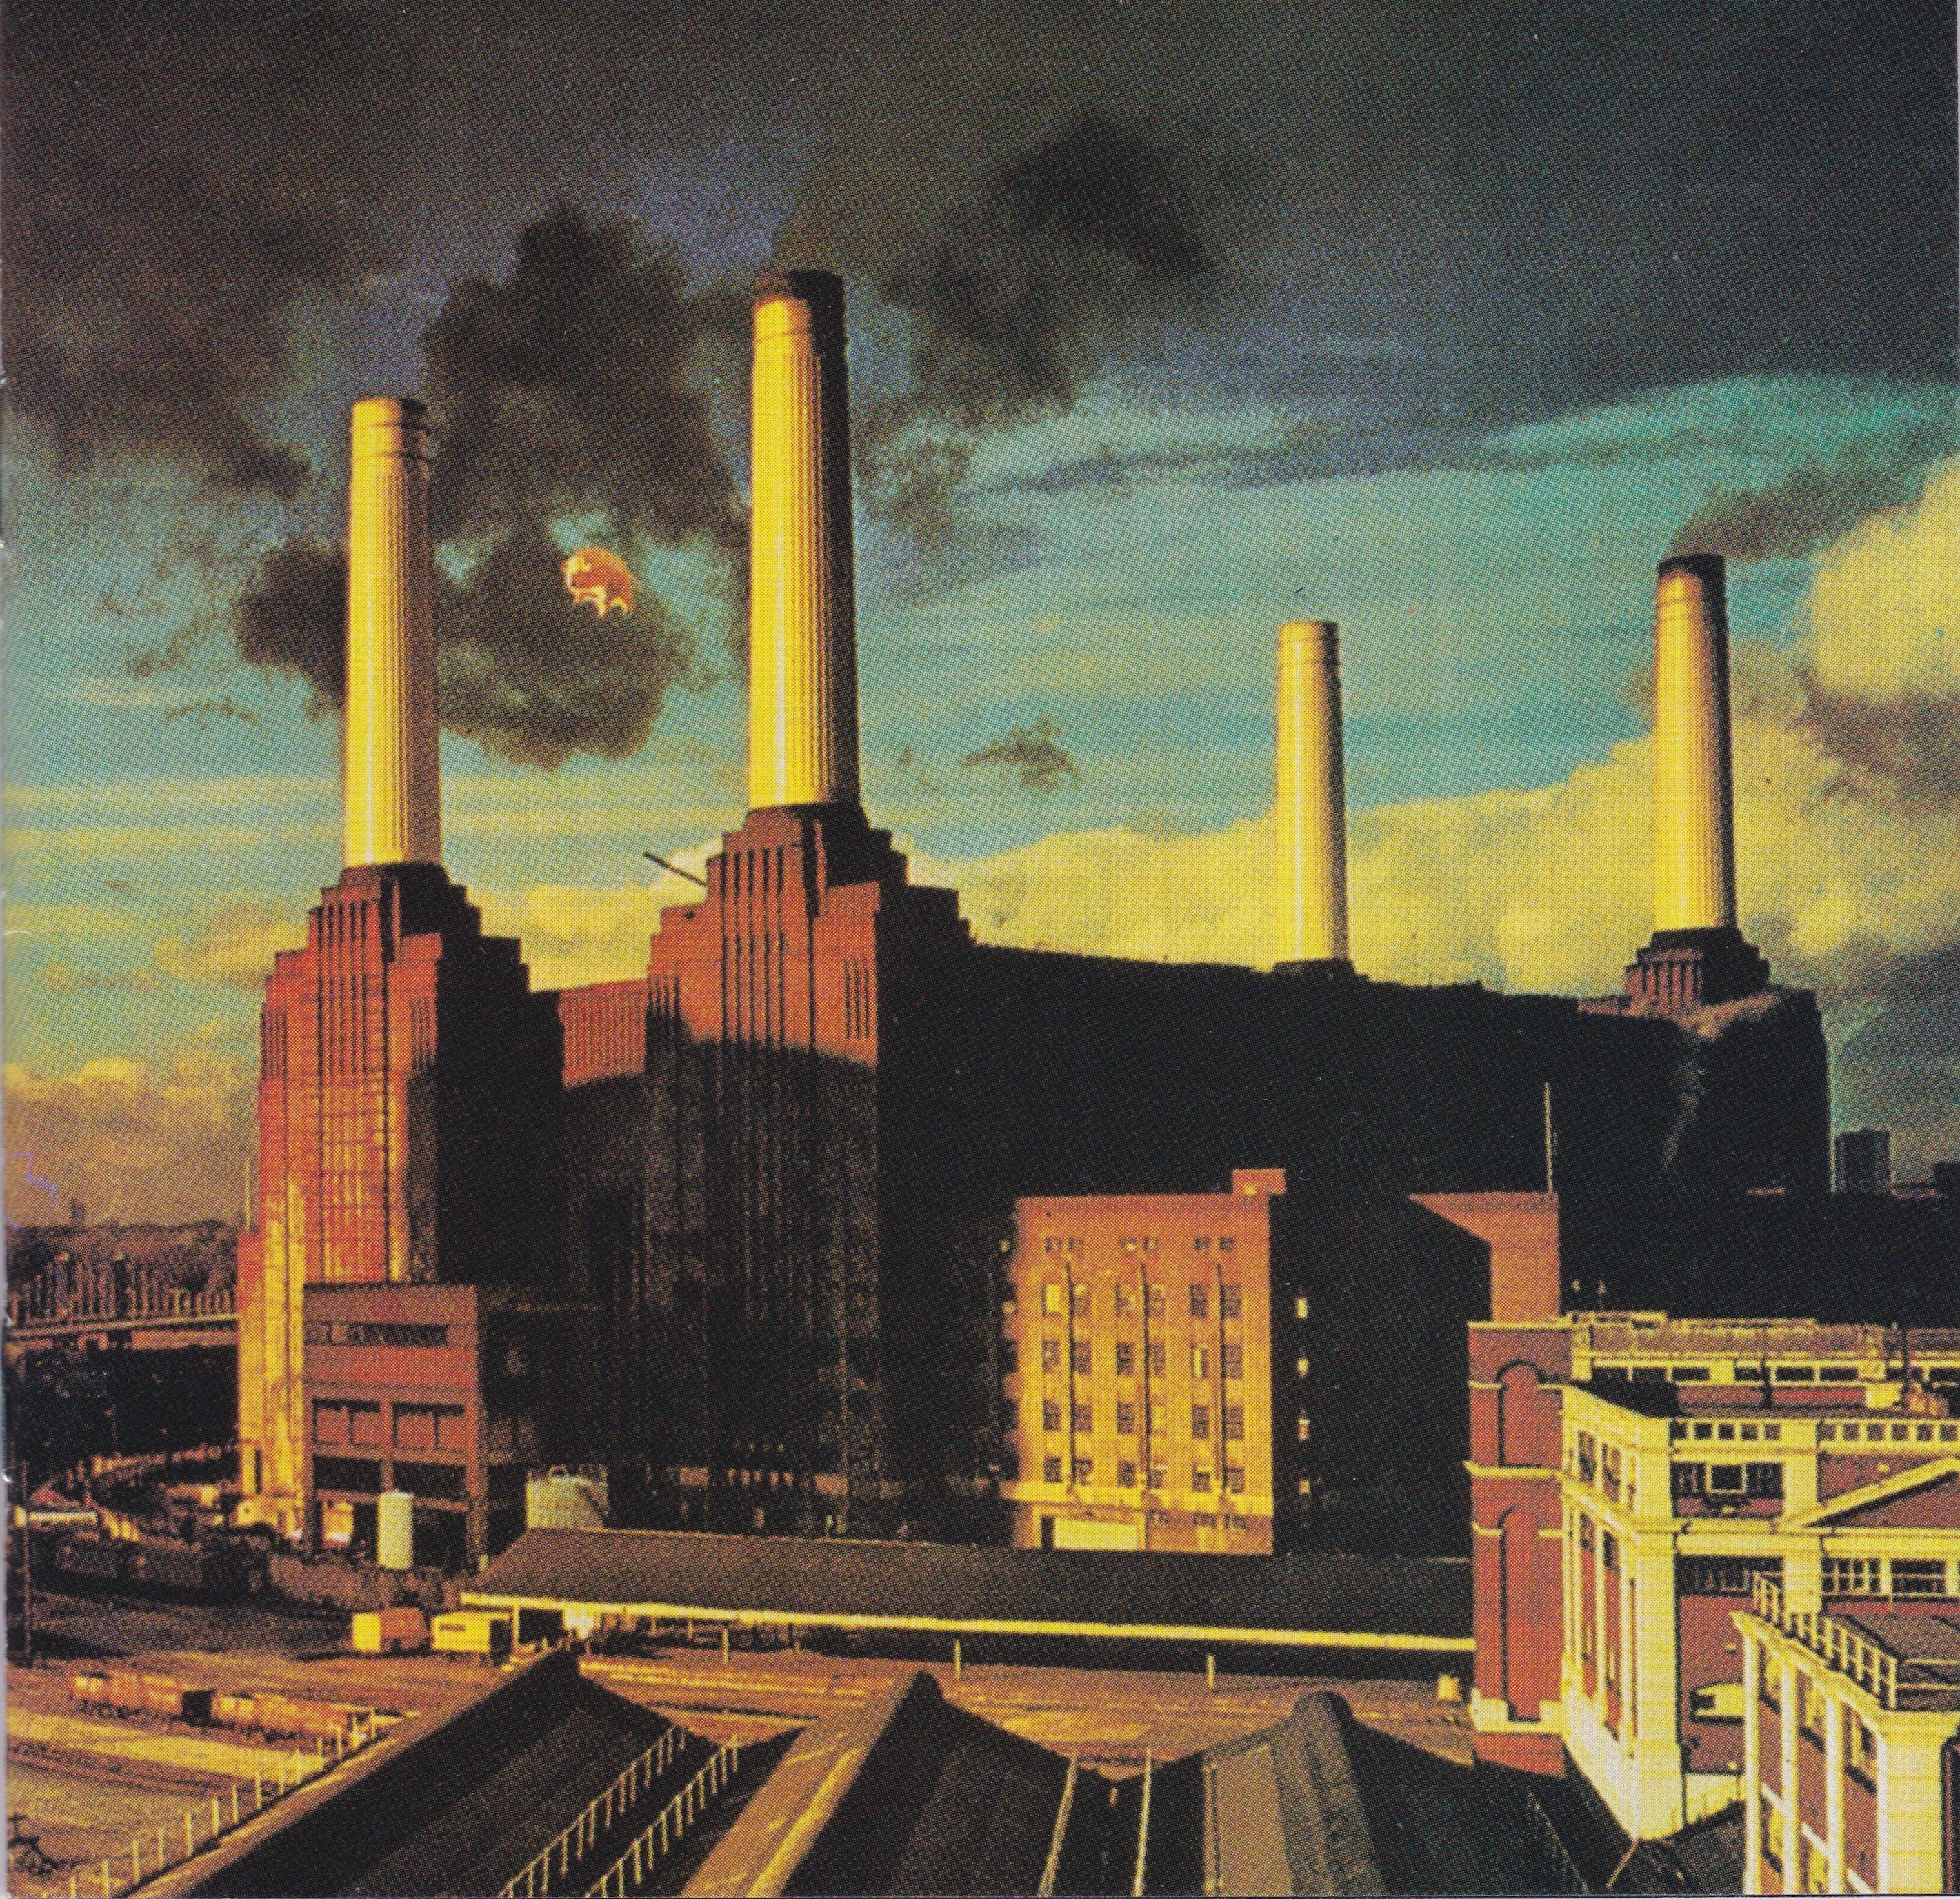 Pink Floyd - Animals album cover